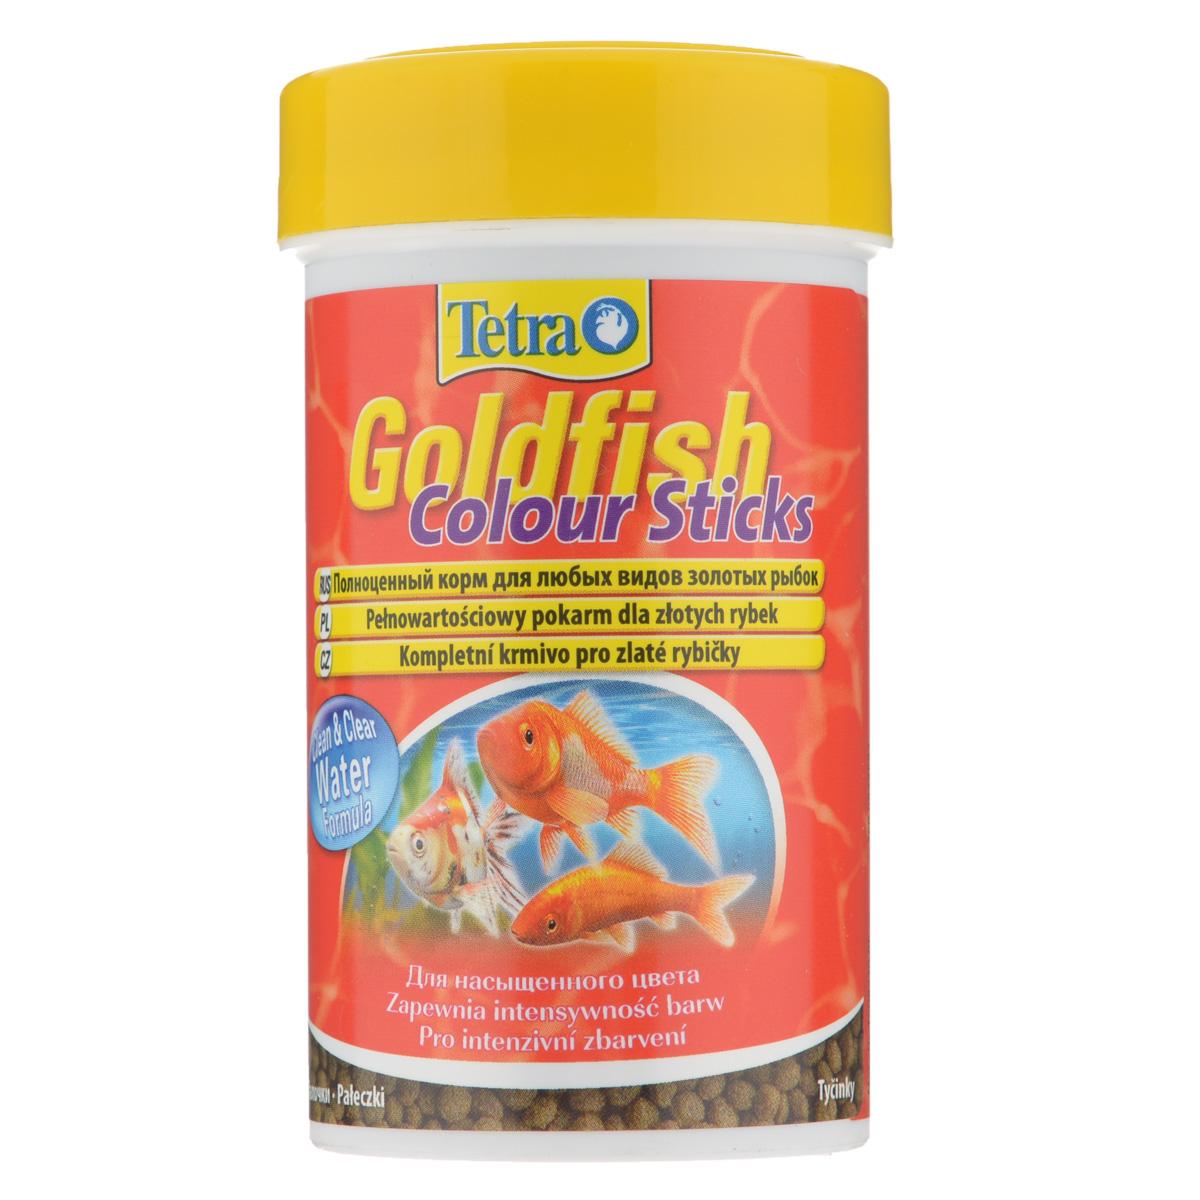 Корм сухой Tetra Goldfish Colour Sticks для любых видов золотых рыбок, в виде палочек, 100 мл140097Корм Tetra Goldfish Colour Sticks - это высококачественный сбалансированный питательный корм для любых видов золотых рыбок. Превосходное качество корма - гарантия лучшего для ваших золотых рыбок. Особенности Tetra Goldfish Colour Sticks:усилители цвета обеспечивают яркую и интенсивную окраску,формула Clean & Clean Water и запатентованная формула BioActive - для поддержания здоровья и продолжительности жизни. Рекомендации по кормлению: кормить несколько раз в день маленькими порциями. Характеристики: Состав: рыба и побочные рыбные продукты, экстракты растительного белка, зерновые культуры, растительные продукты, овощи, дрожжи, моллюски и раки, масла и жиры, водоросли (спирулина максима 6,0%), минеральные вещества.Пищевая ценность: сырой белок - 30%, сырые масла и жиры - 6%, сырая клетчатка - 2,0%, влага - 8%.Добавки: витамины, провитамины и химические вещества с аналогичным воздействием: витамин А 30000 МЕ/кг, витамин Д3 1870 МЕ/кг. Комбинации элементов: Е5 Марганец 81 мг/кг, Е6 Цинк 48 мг/кг, Е1 Железо 32 мг/кг, Е3 Кобальт 0,6 мг/кг. Красители, консерванты, антиоксиданты. Вес: 100 мл (30 г).